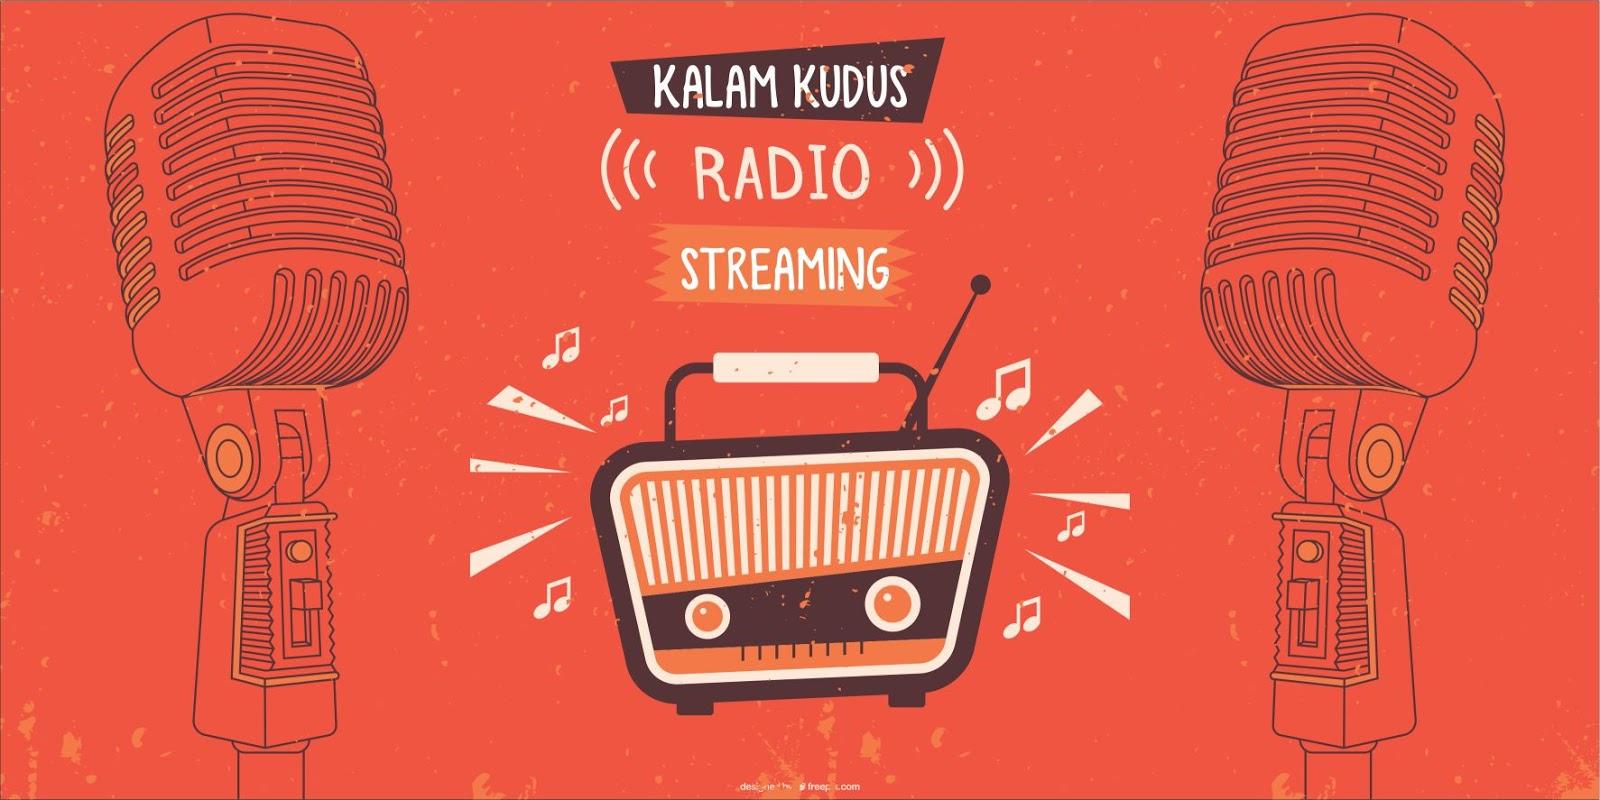 Uji Coba Siaran Radio Streaming - Sekolah Kristen Kalam Kudus Surakarta